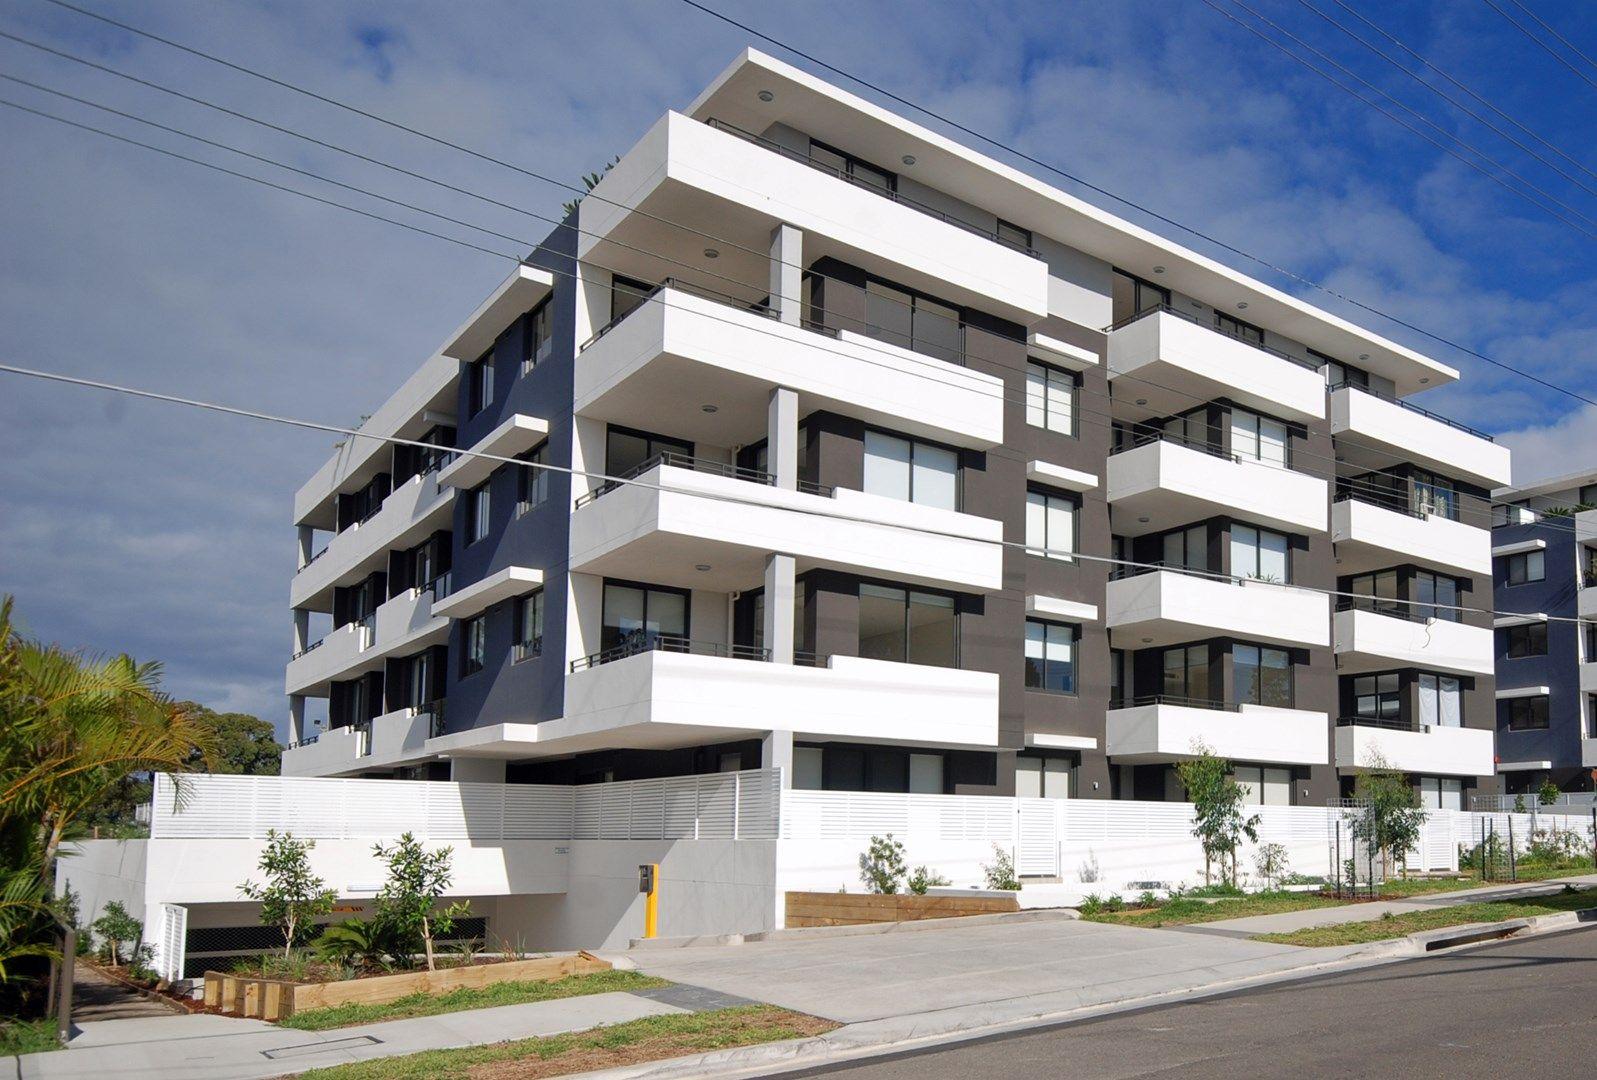 128 - 136 Willarong Road, Caringbah NSW 2229, Image 0